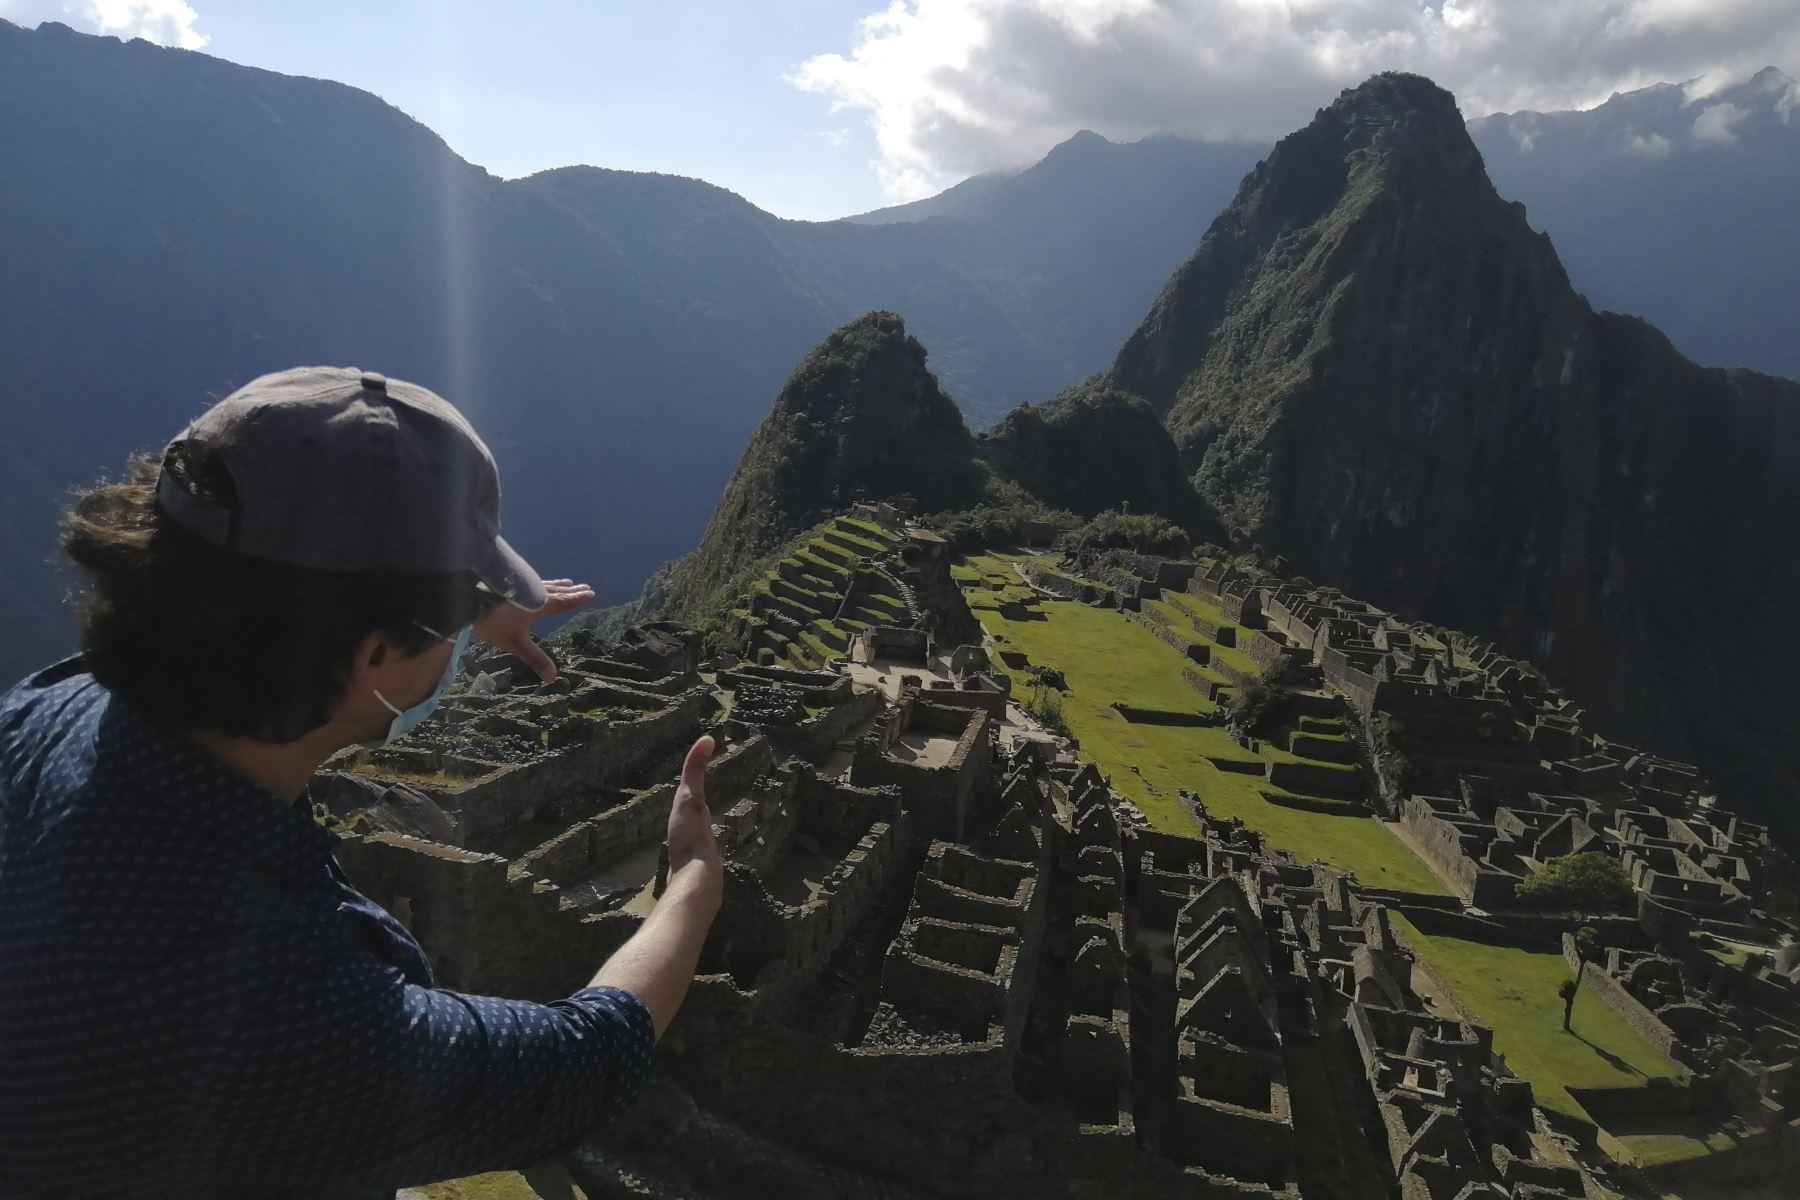 La ciudadela inca Machu Picchu fue descubierta para el mundo en 1911 por el explorador estadounidense Hiram Bingham. Foto: ANDINA/Difusión